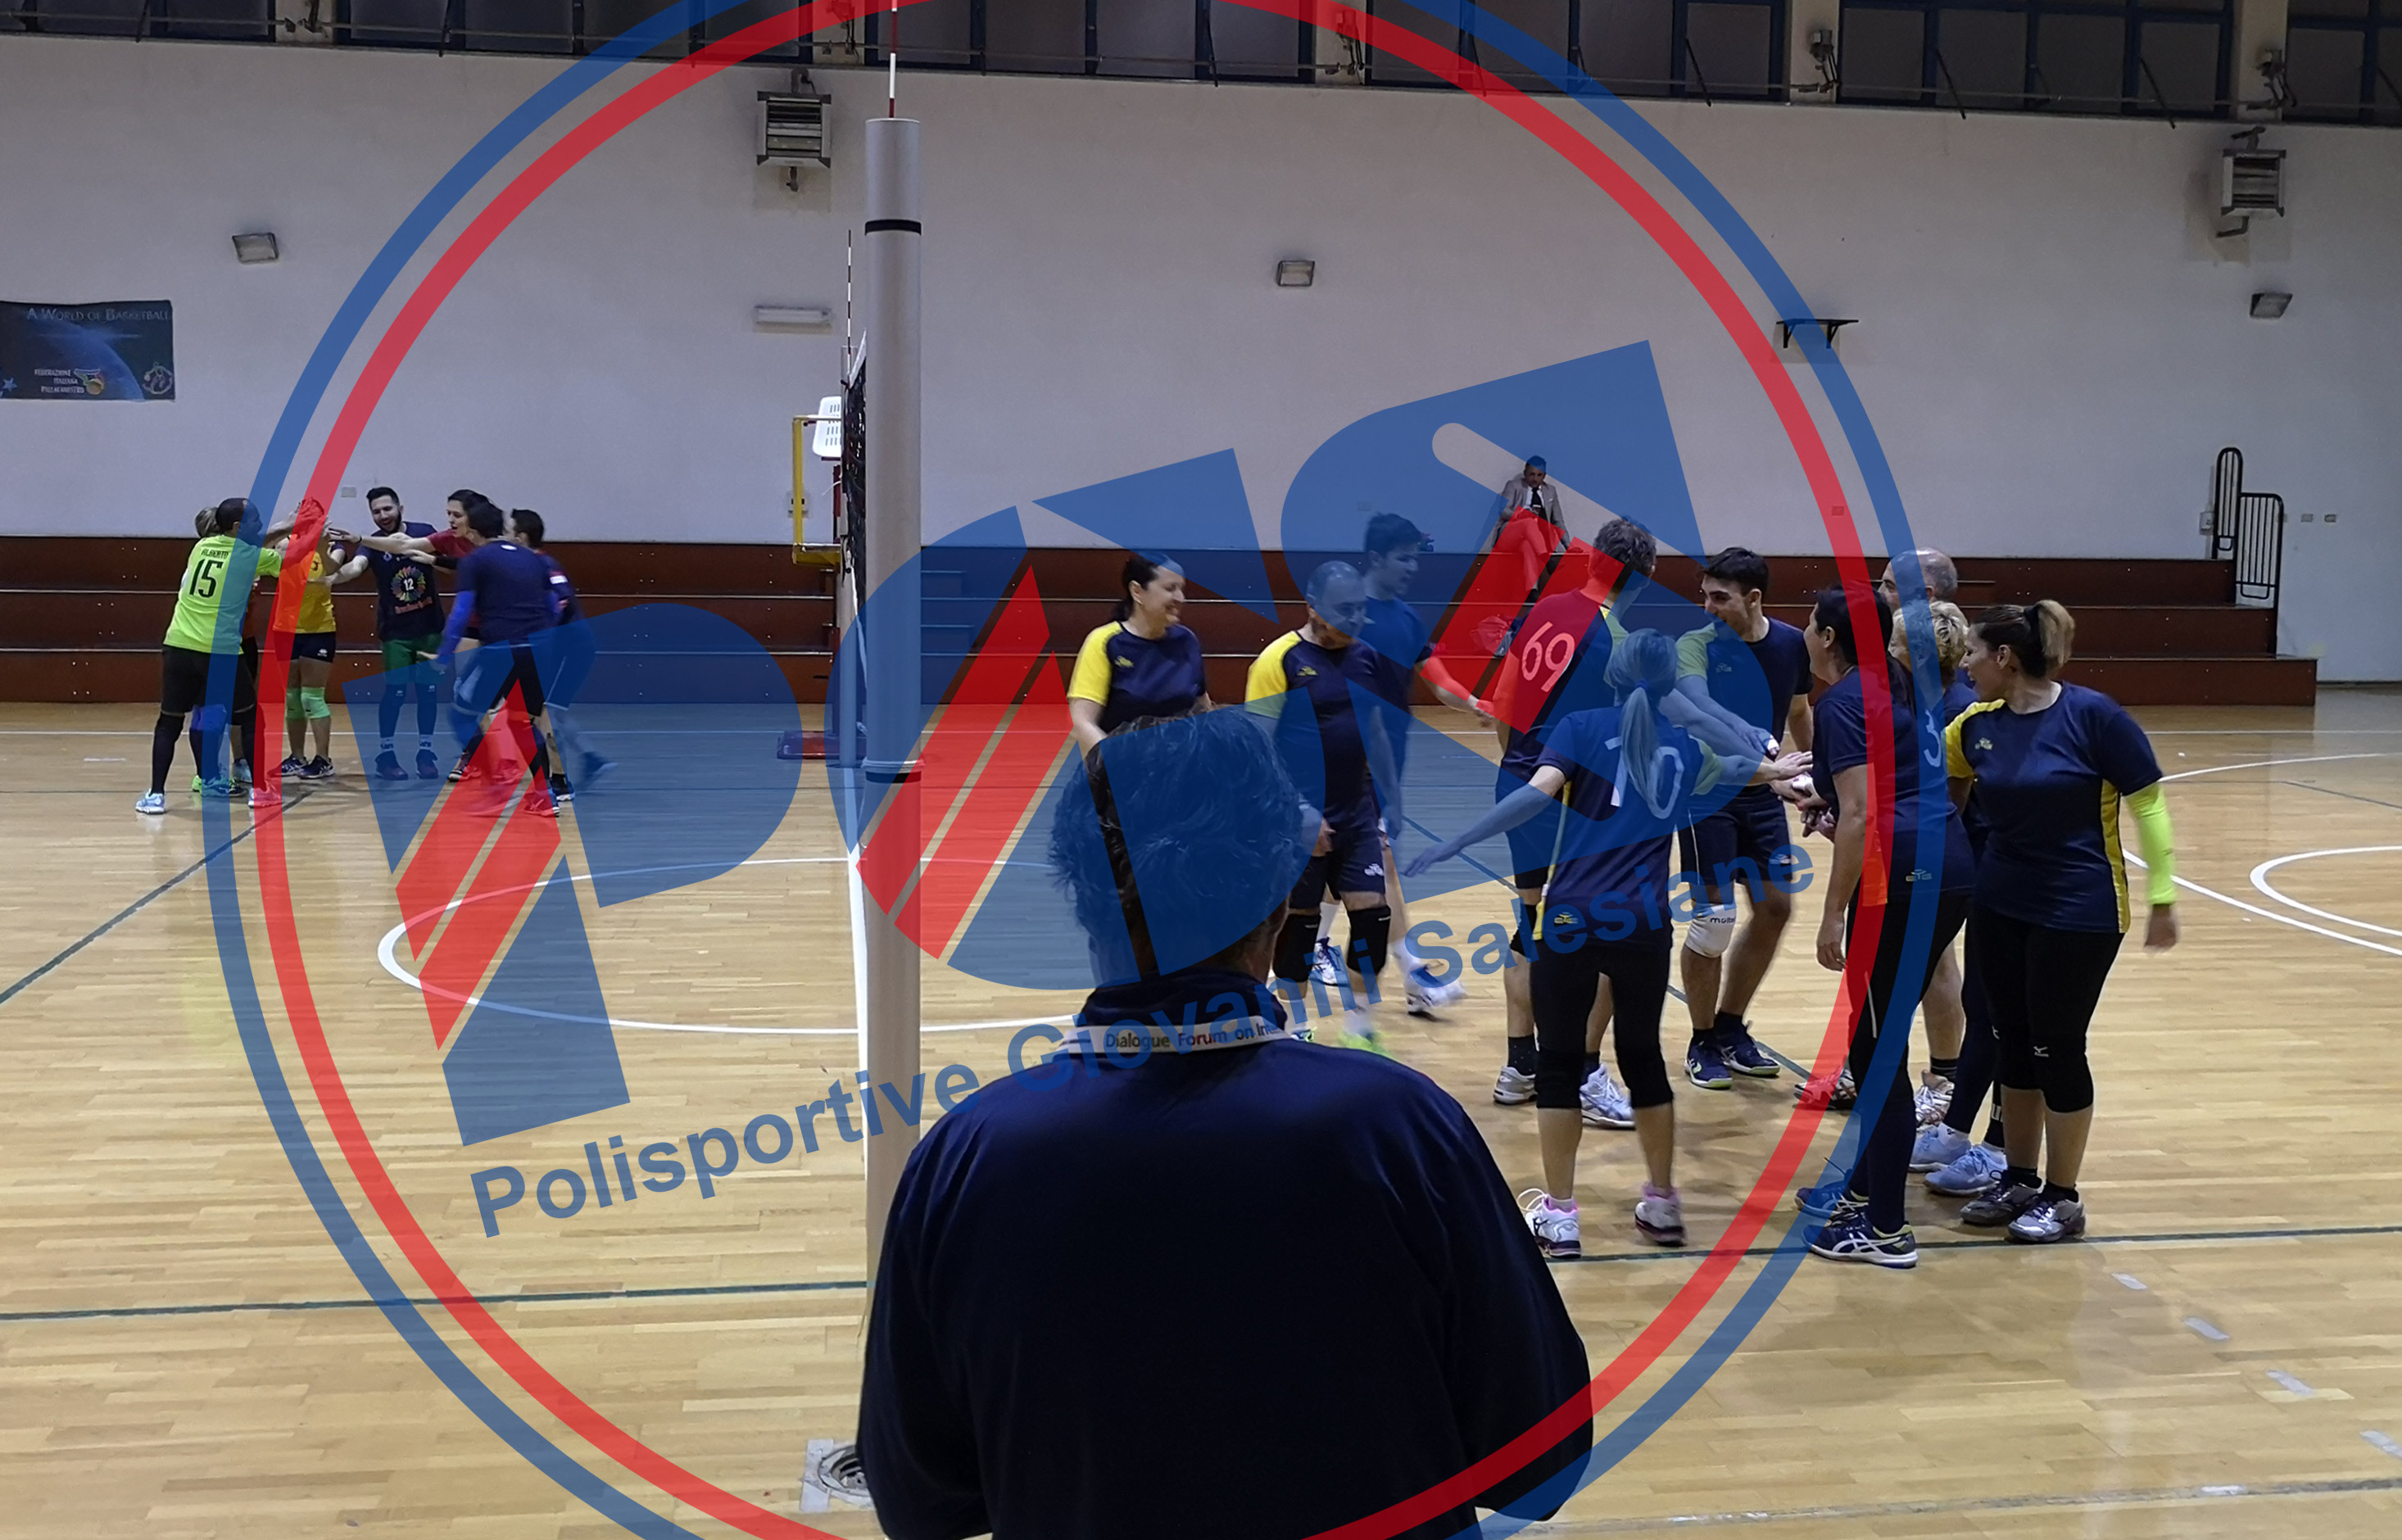 Campionato primaverile amatoriale misto di pallavolo: classifica al 10/05/2019